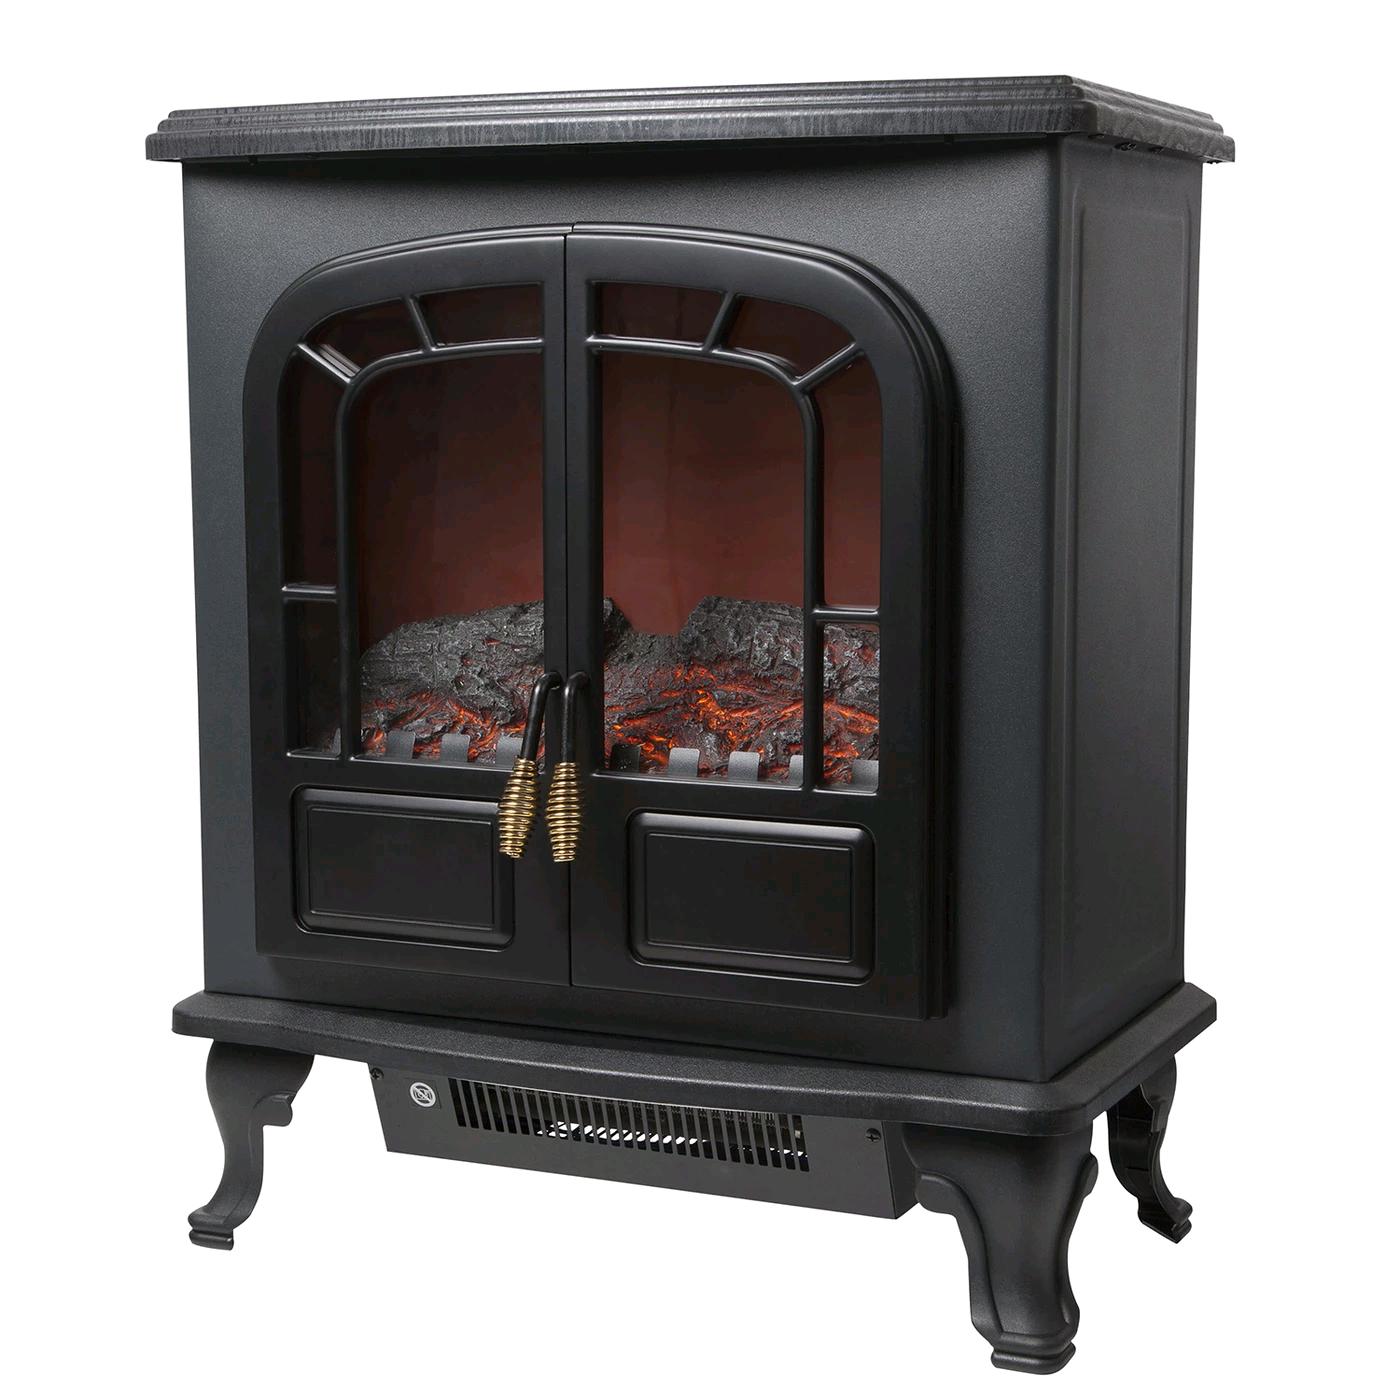 Warmlite Electric Fireplace Heater 2 door